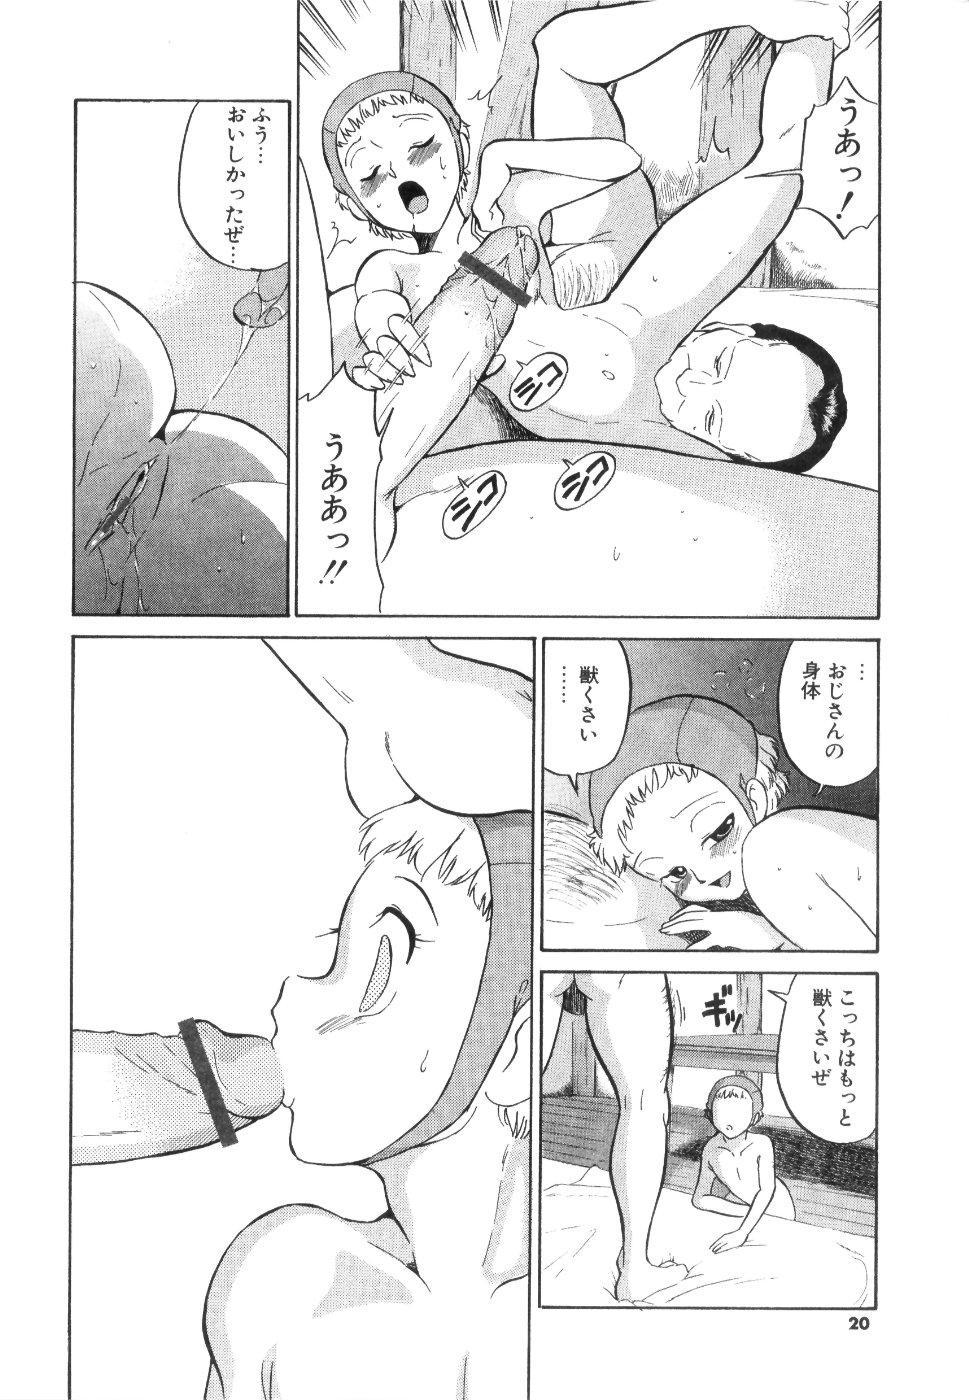 [Dozamura] Doguu -Dozamura Guuwa- Kuro 20